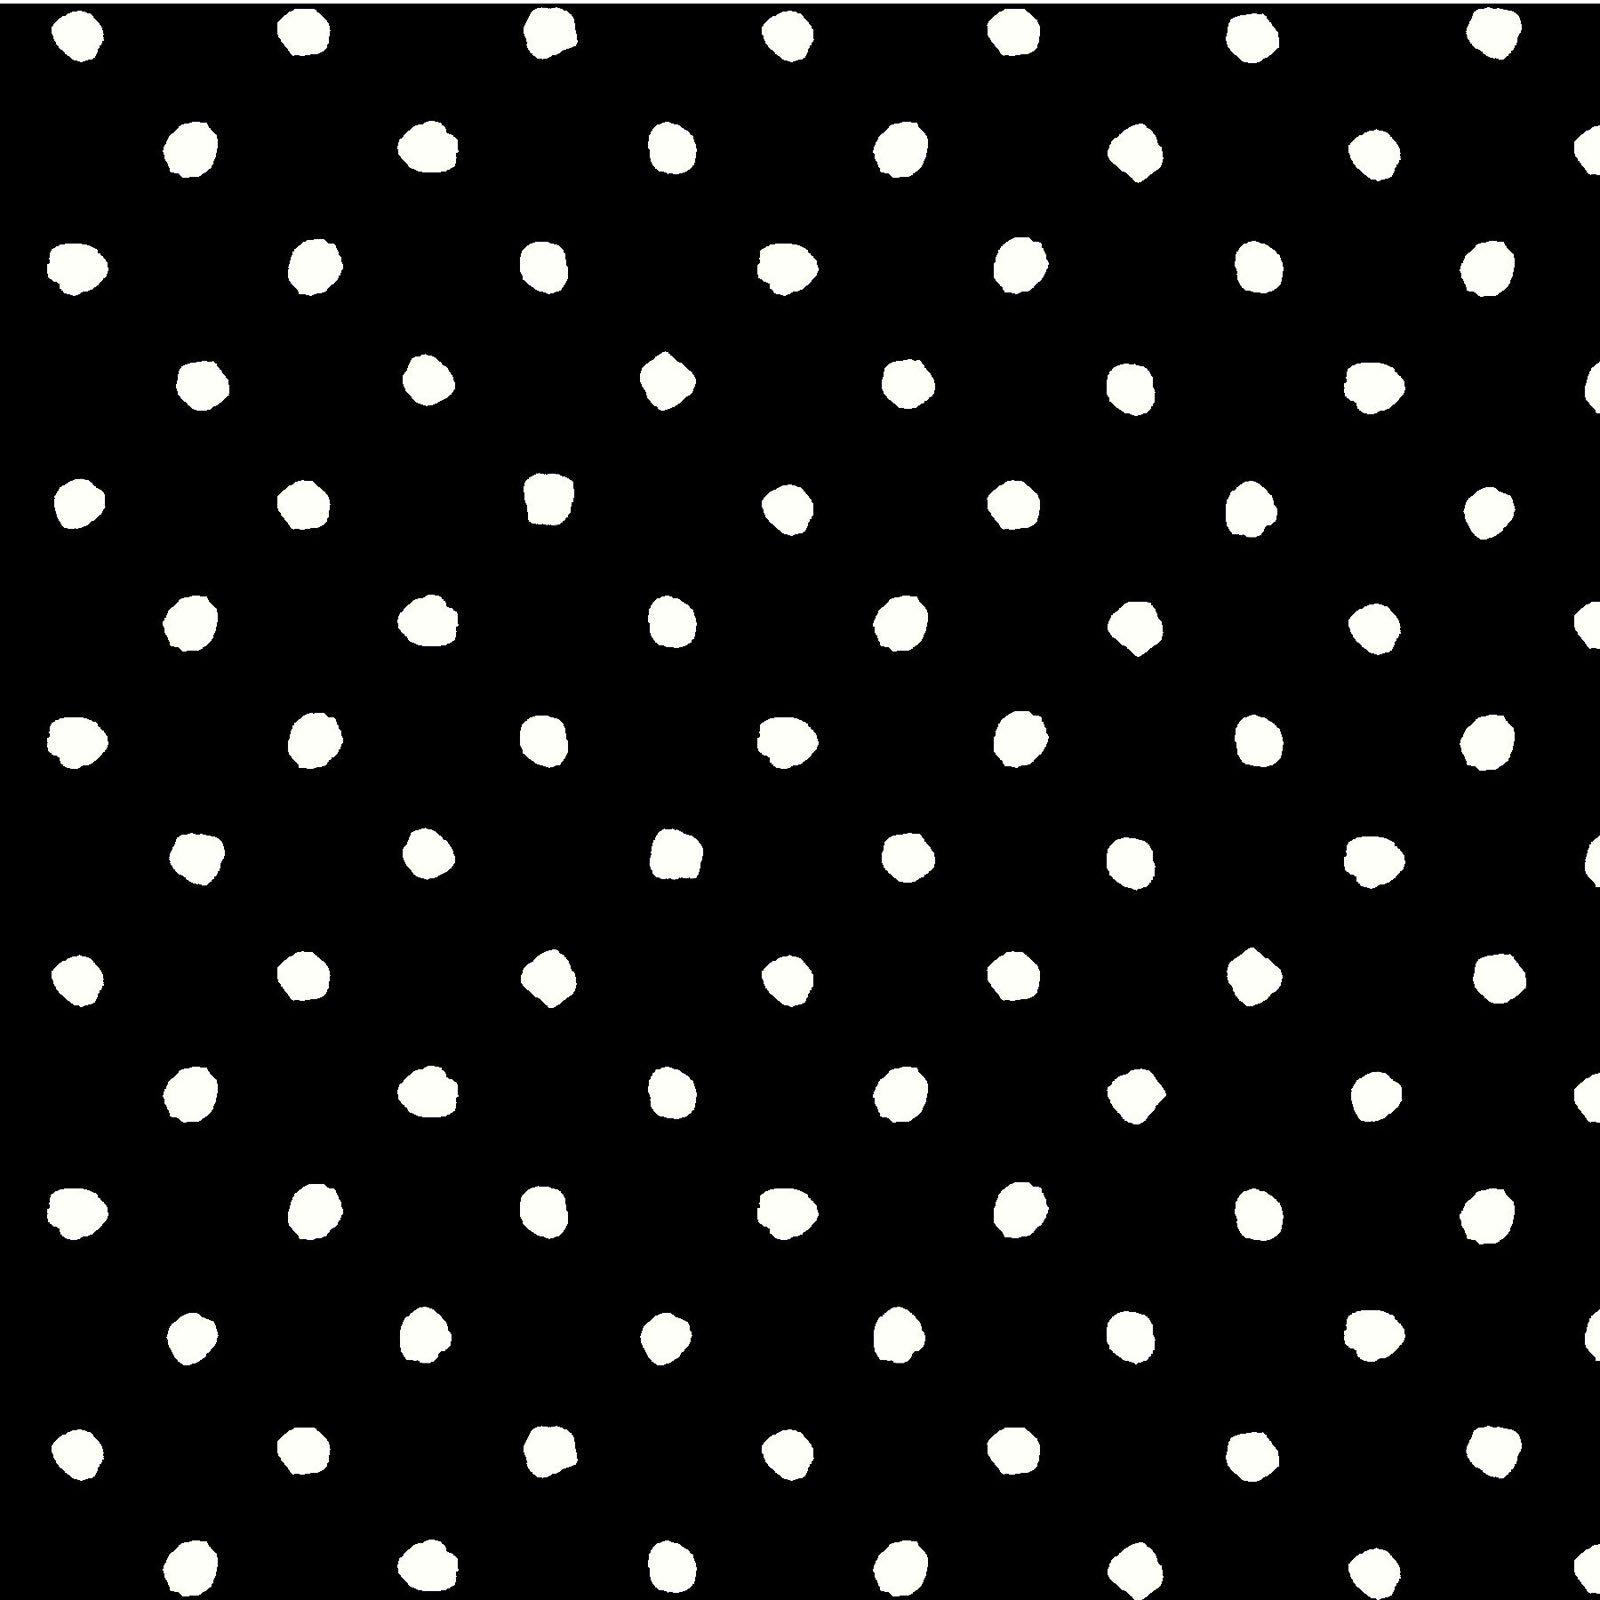 MAGN-4255 K - MAGNOLIAS BY SANDY CLOUGH DOTS BLACK